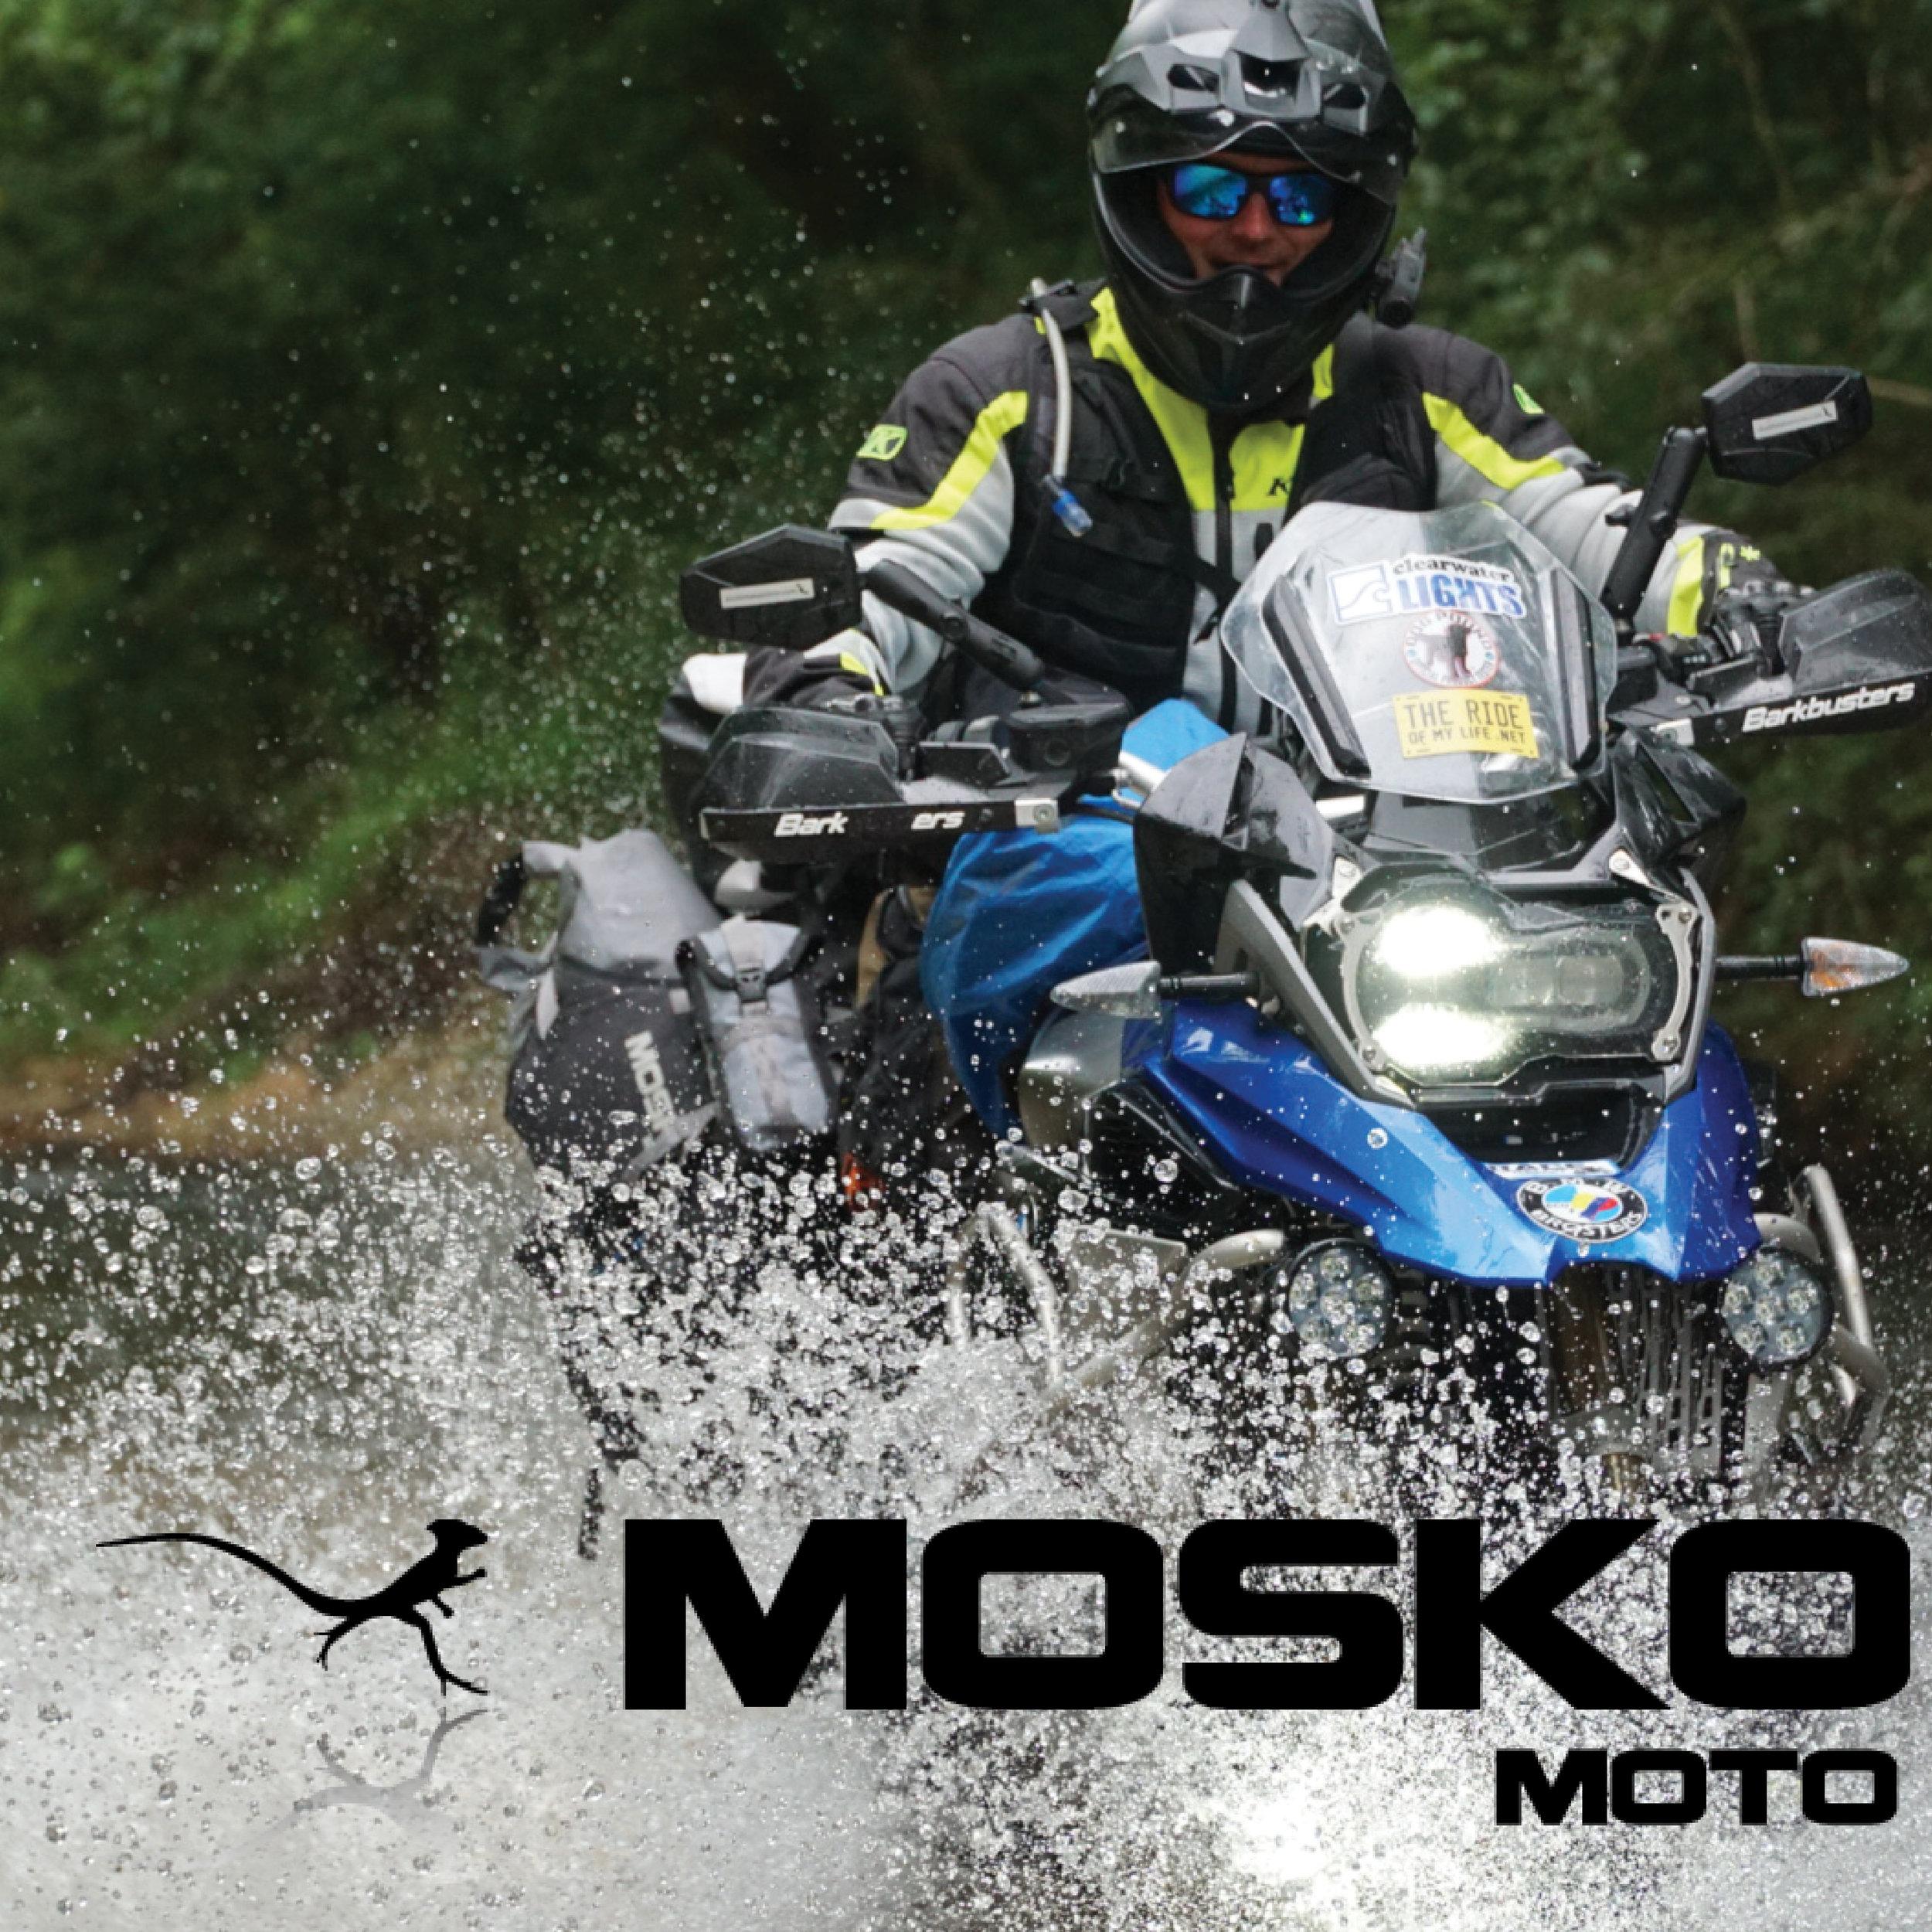 Mosko Moto Web Sponsor.jpg